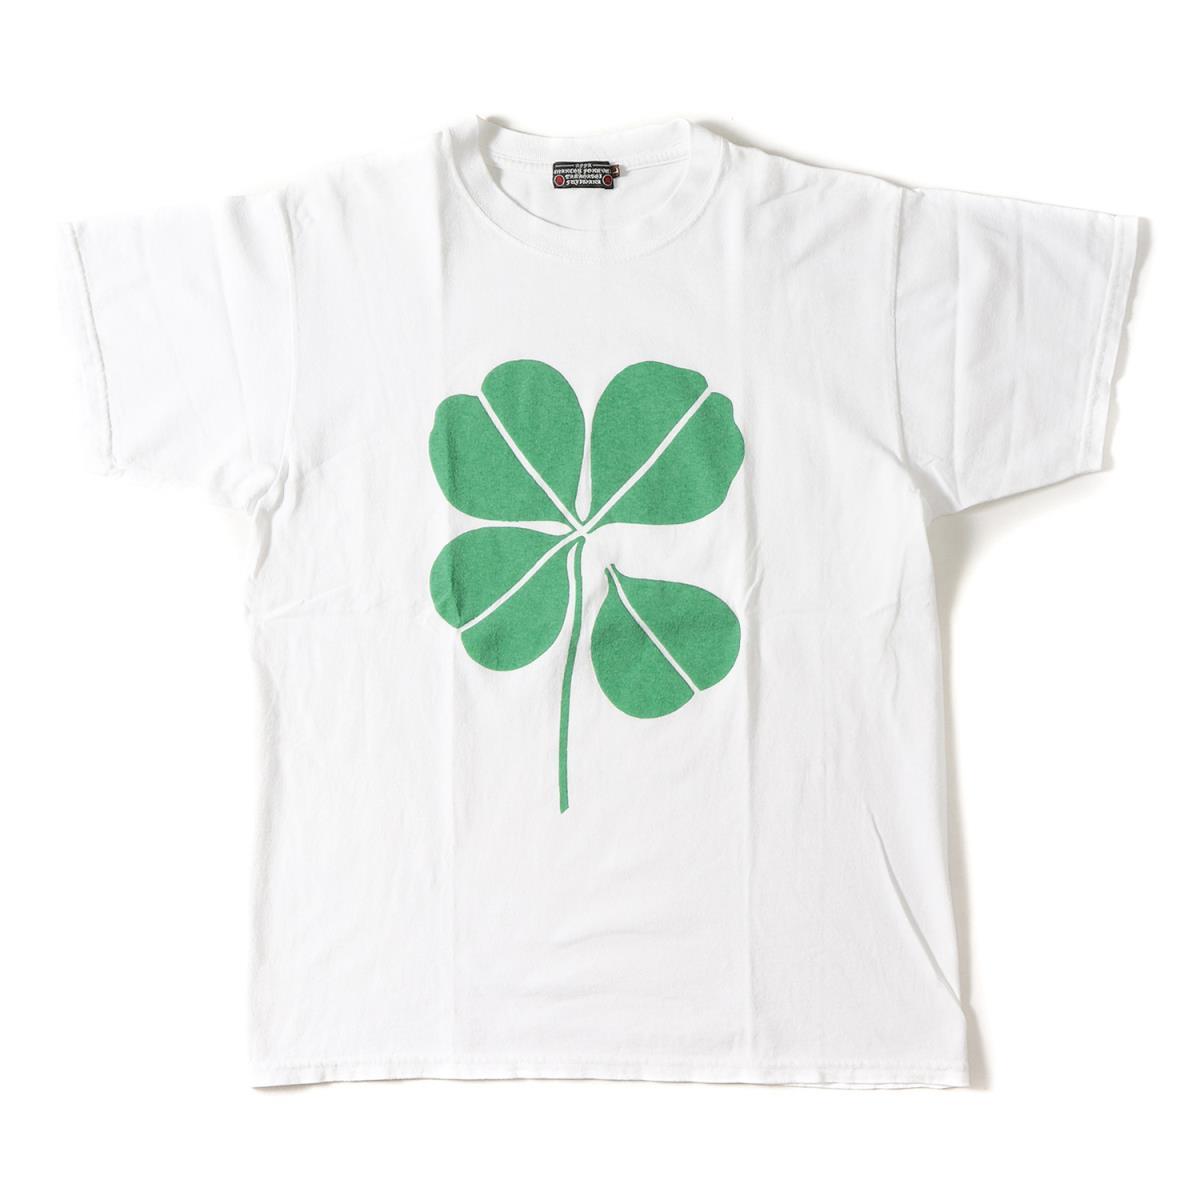 AFFA (エーエフエフエー) 90's 初期 クローバープリントTシャツ ホワイト L 【メンズ】【K2077】【中古】【あす楽☆対応可】